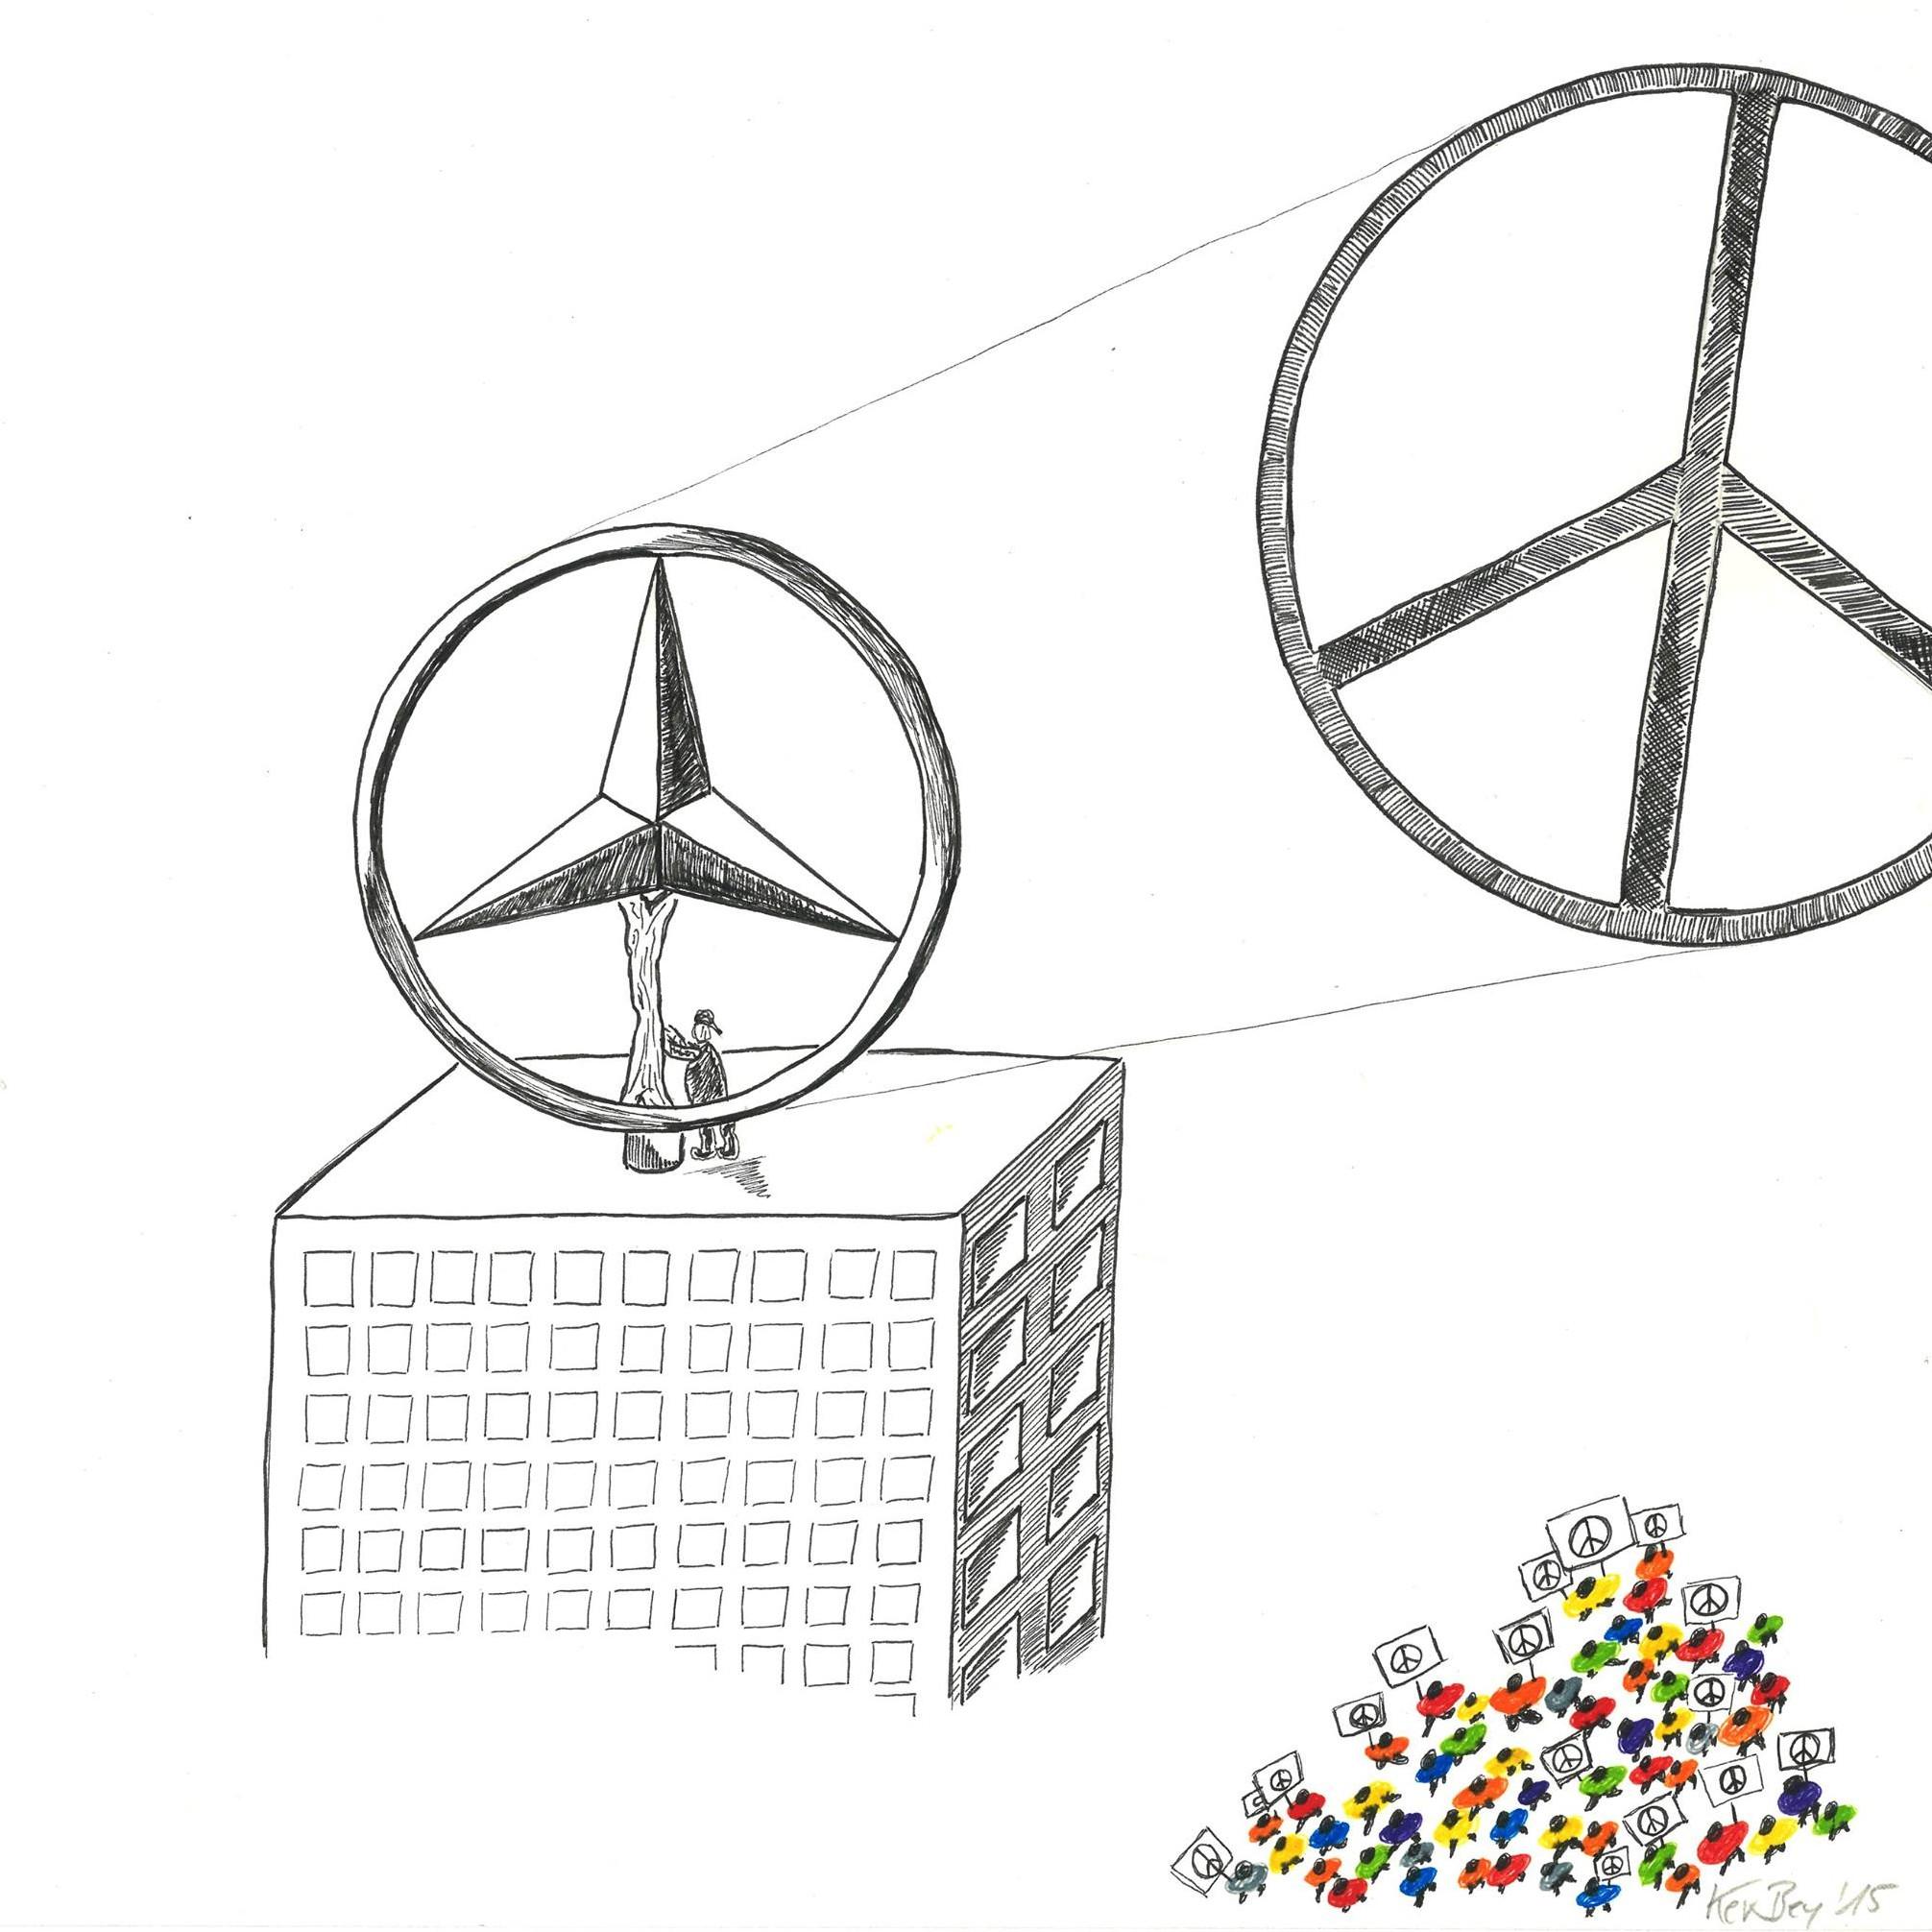 Kerstin Carolin Beyer, Refugees, Peace, Hate, Drawing, Flüchtlinge Deutschland, Flüchtlingshilfe